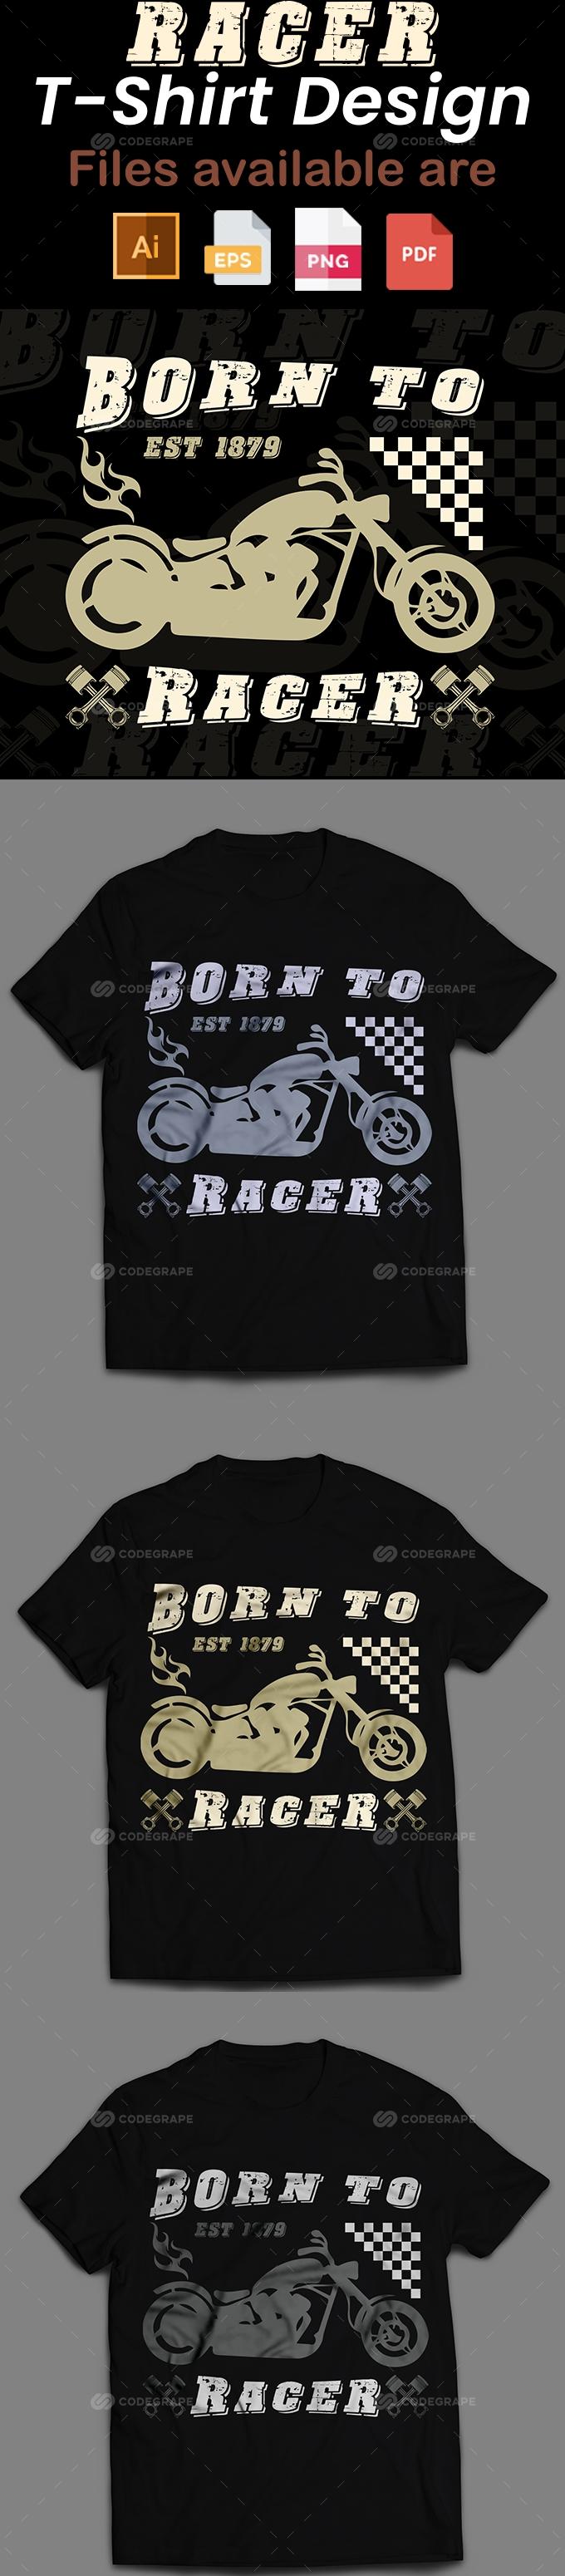 Racer T-Shirt Design